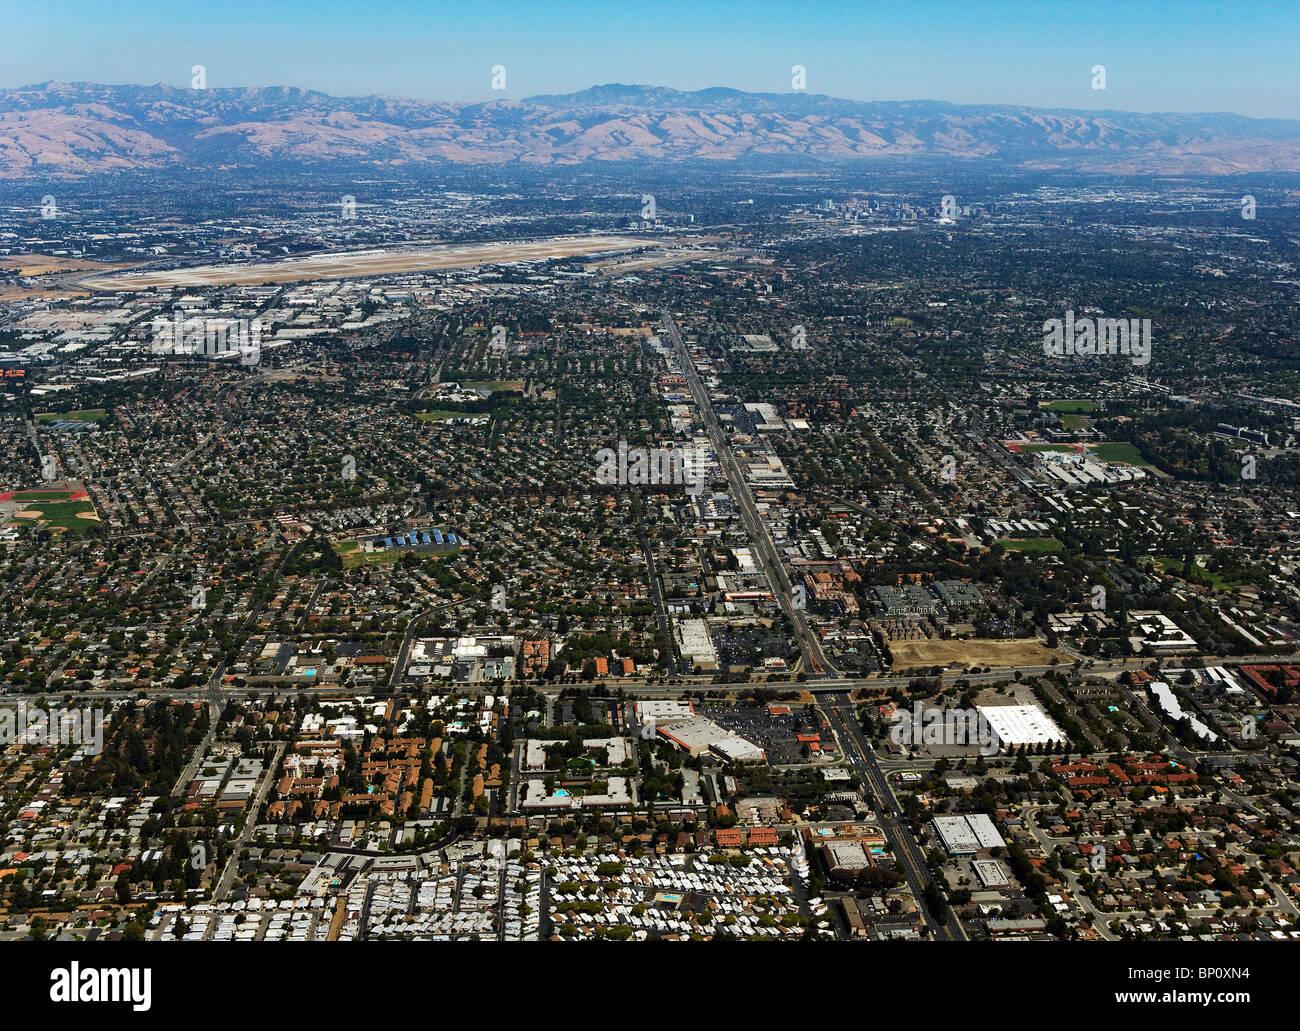 Vista aerea al di sopra di Silicon Valley verso San Jose Aeroporto e il centro cittadino di San Jose Immagini Stock